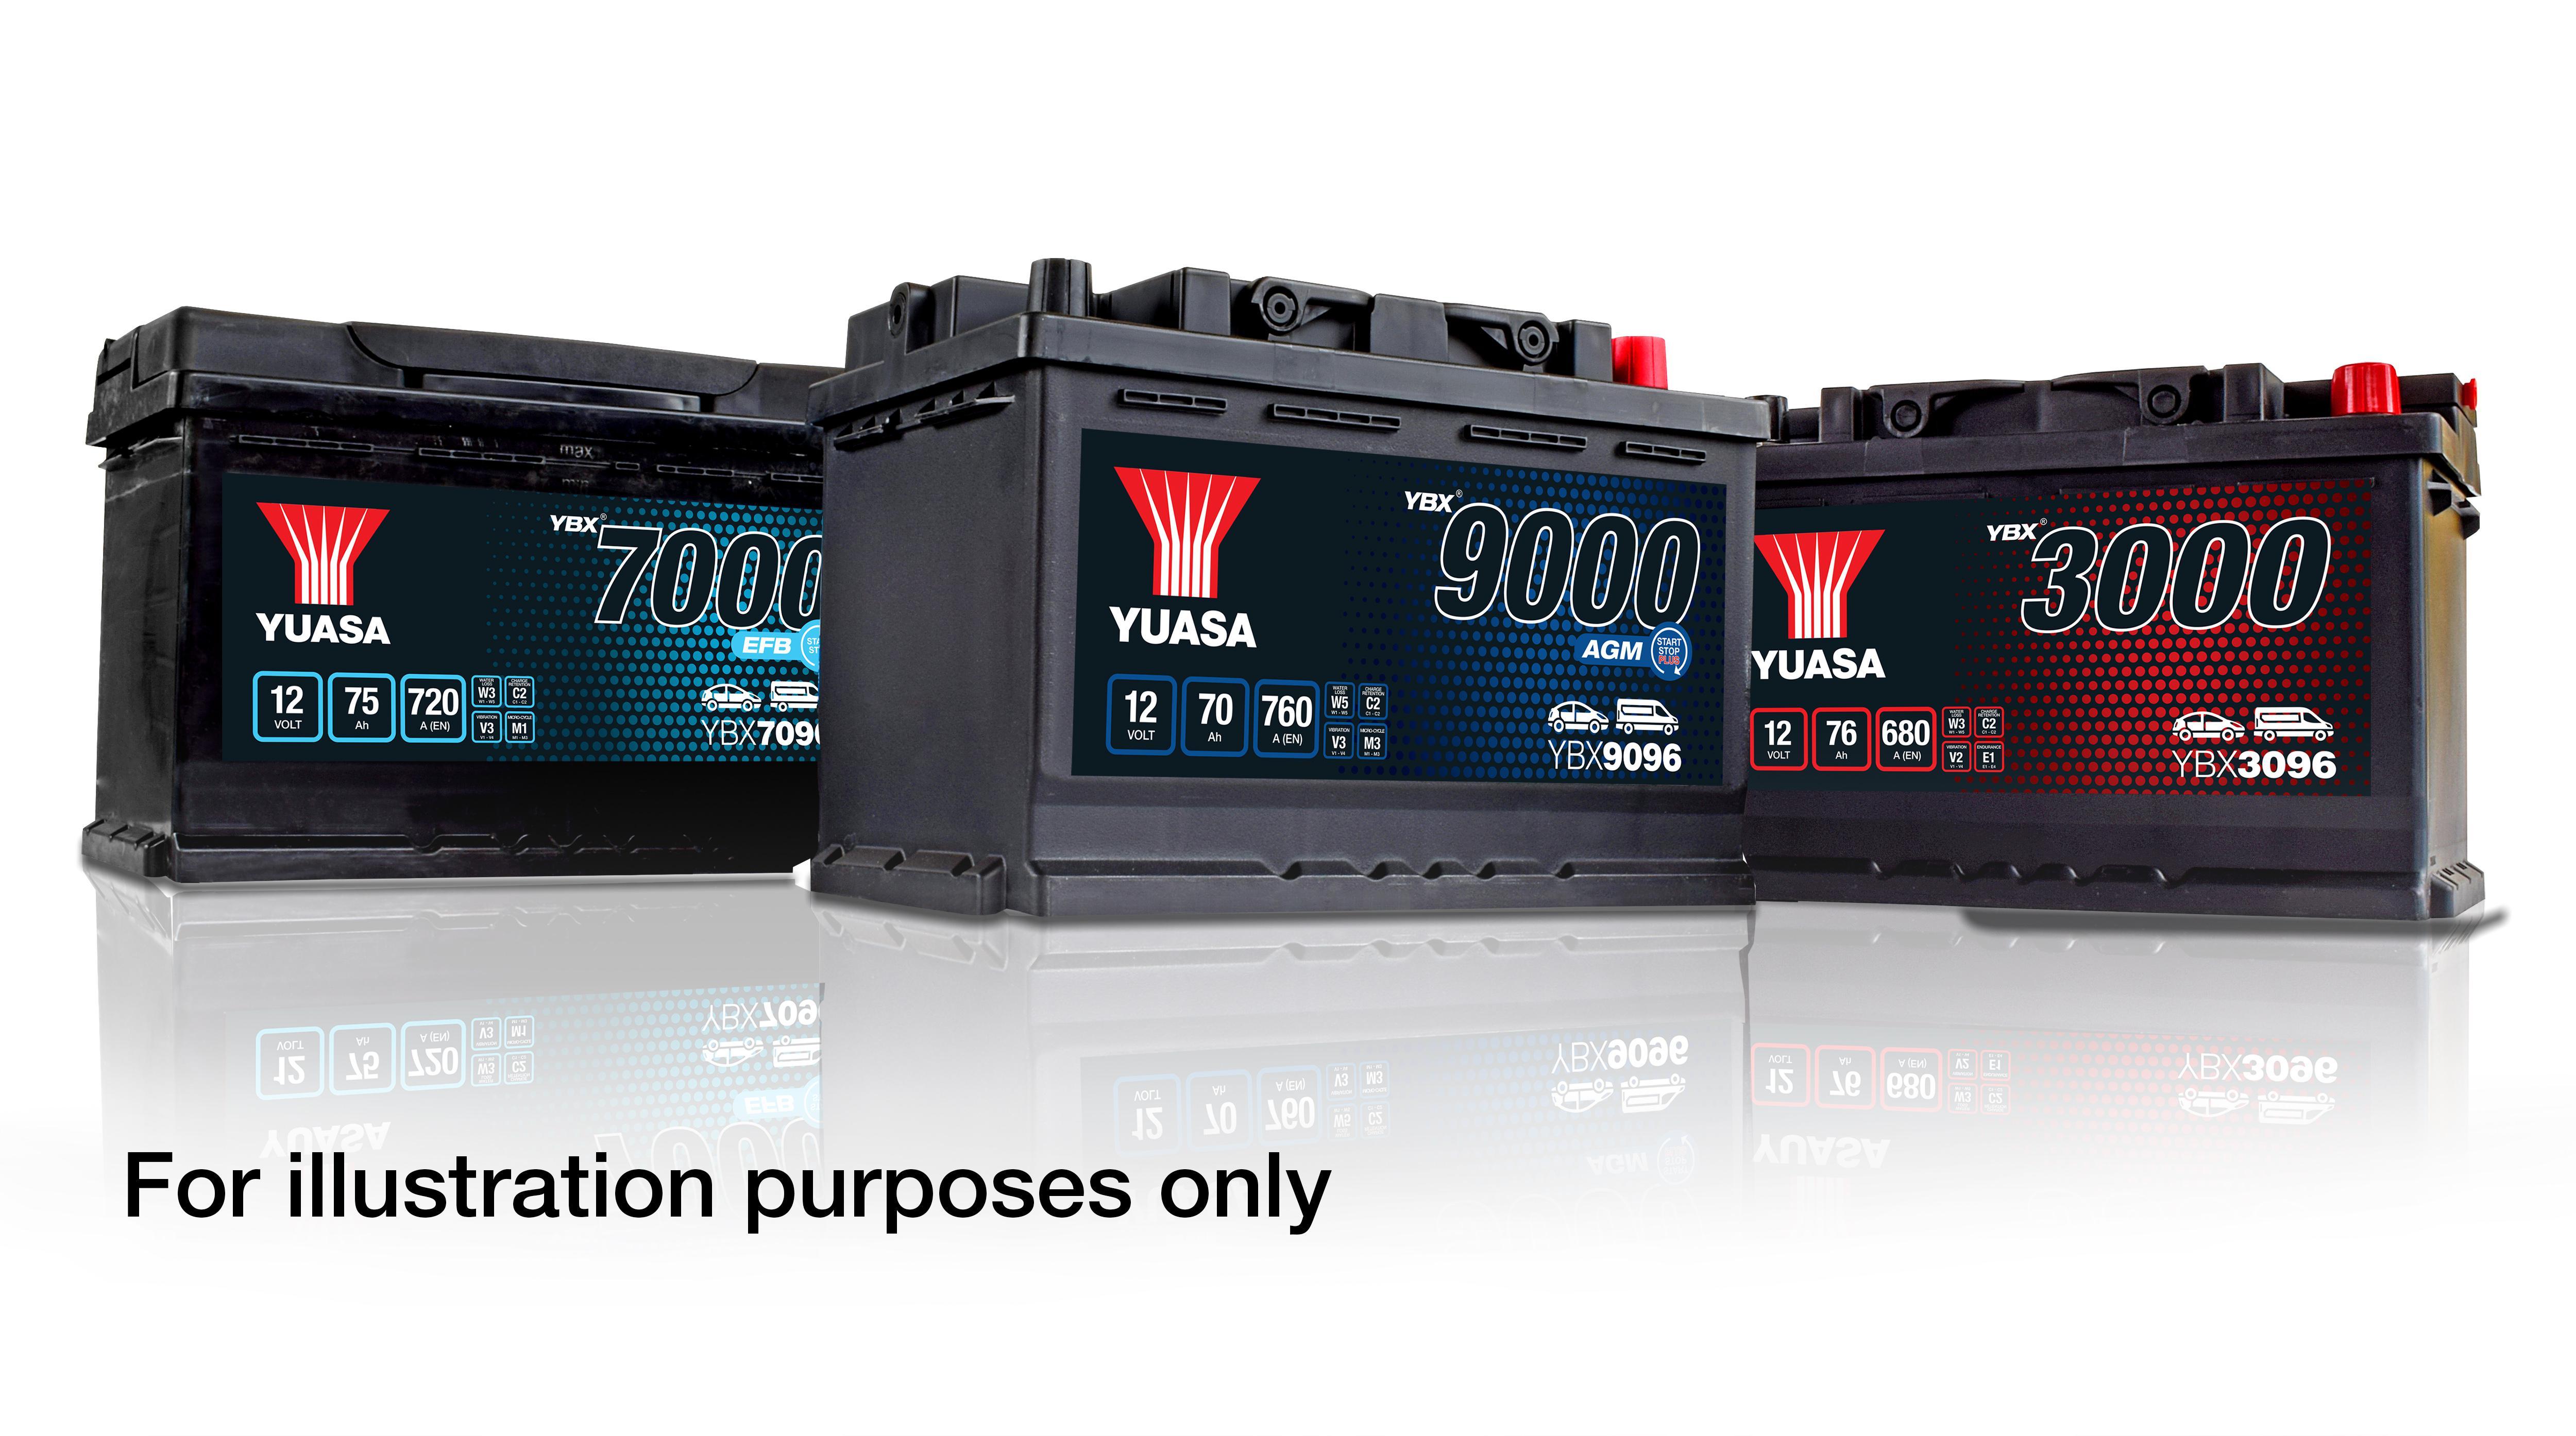 YBX5056